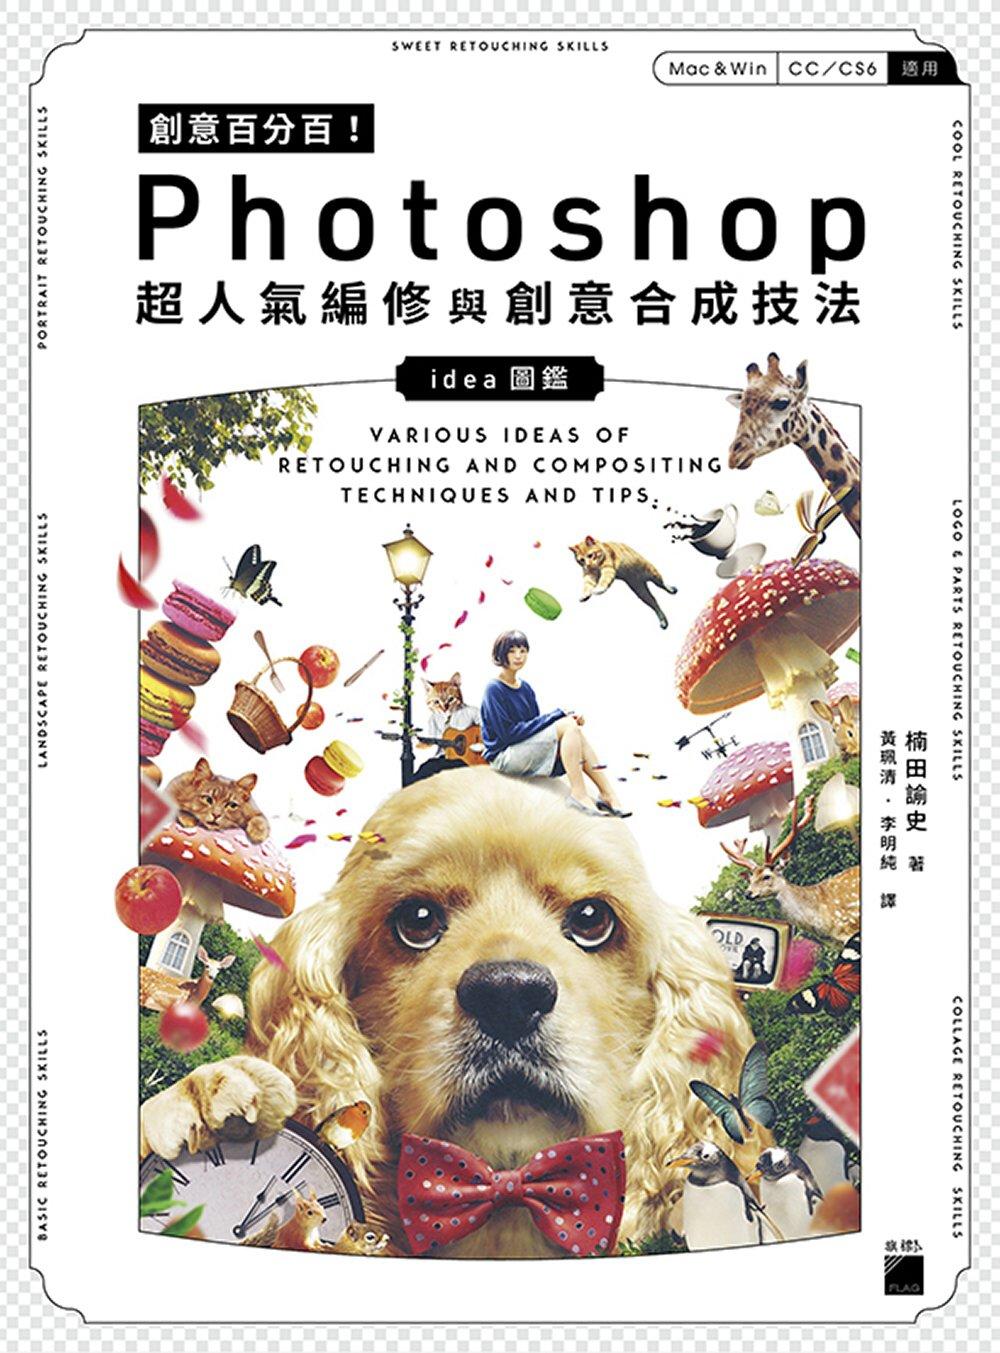 創意百分百!Photoshop 超人氣編修與創意合成技法